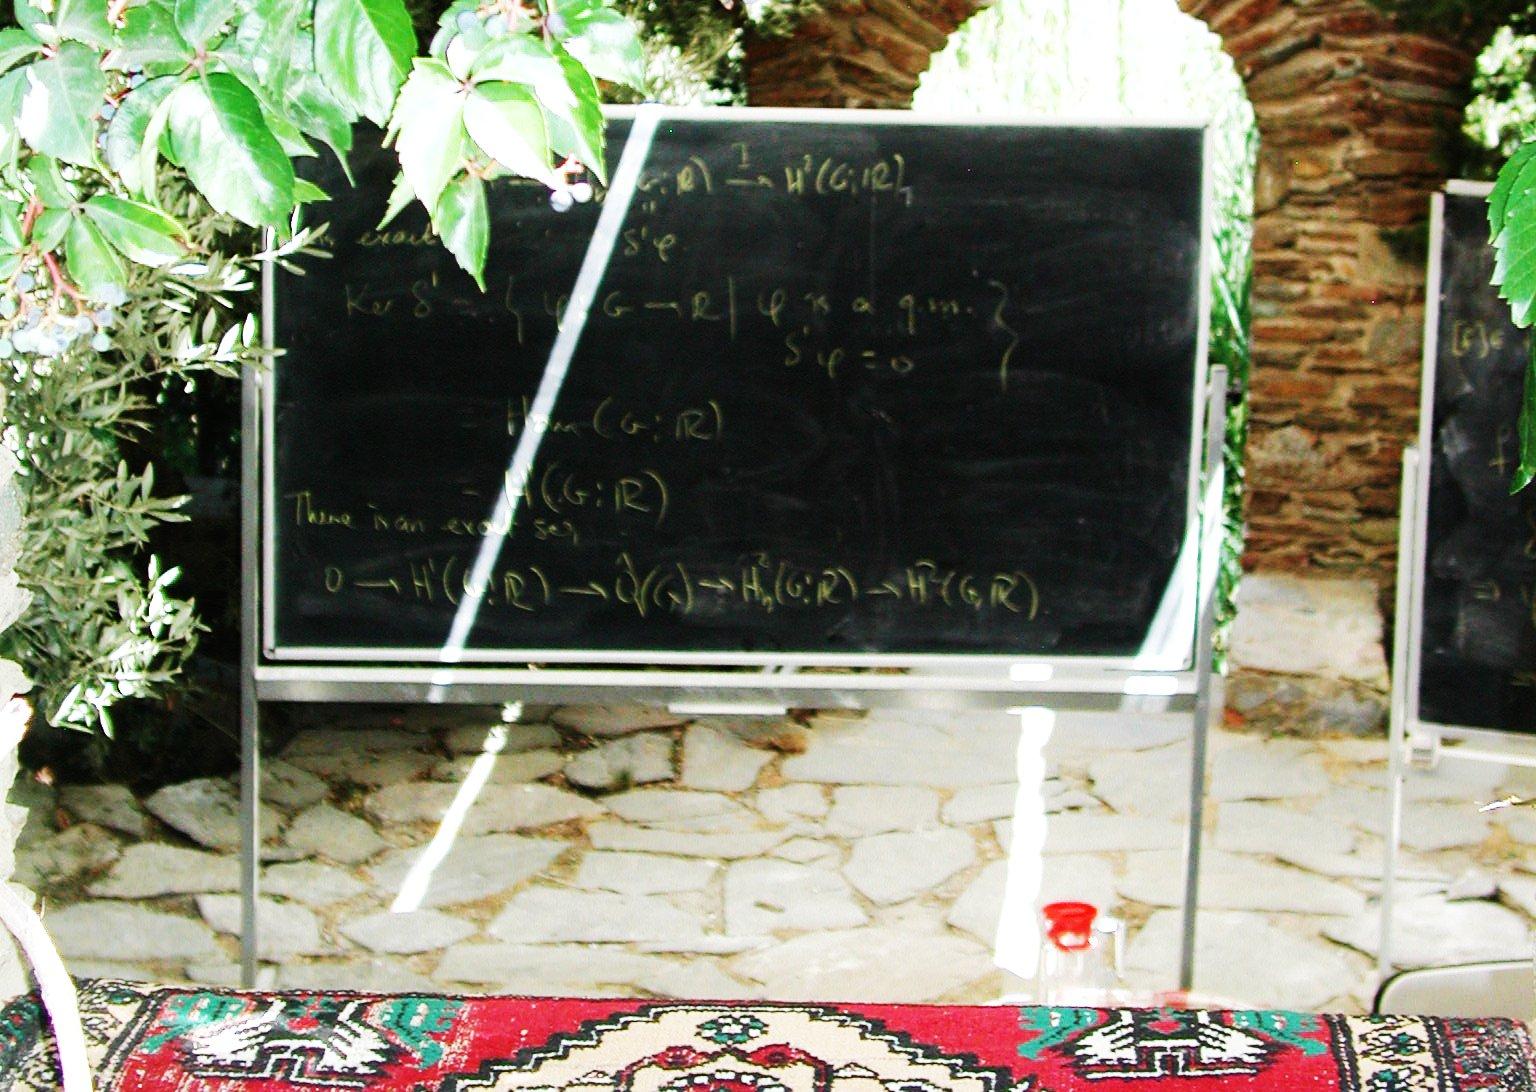 Villaggio della matematica